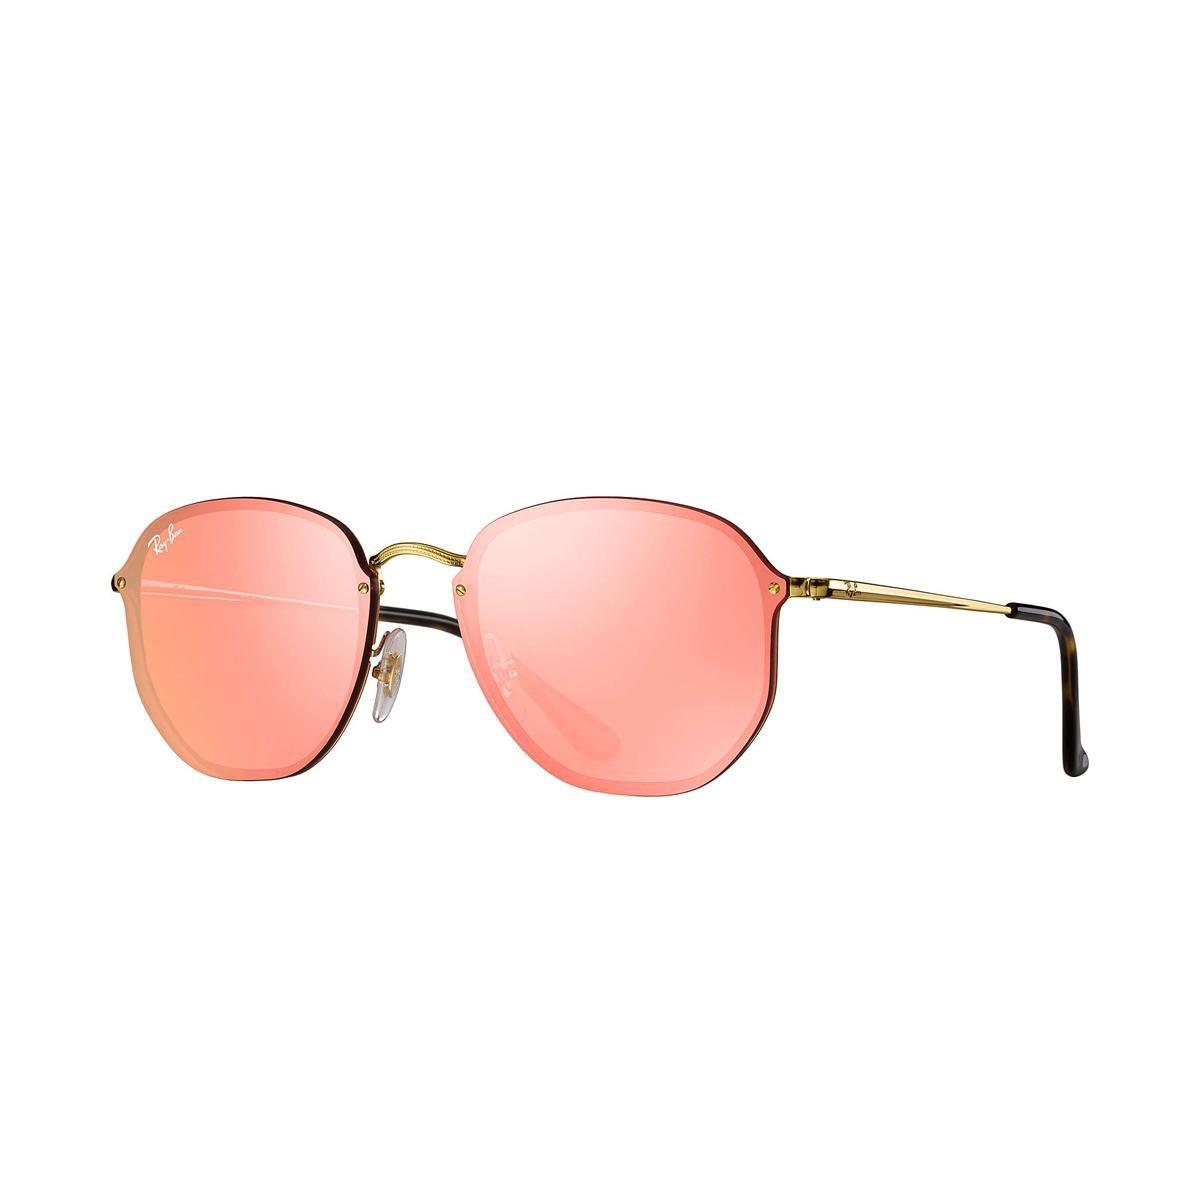 Óculos de Sol Ray-Ban Blaze Hexagonal - Dourado - Compre Agora ... 31786e9f78